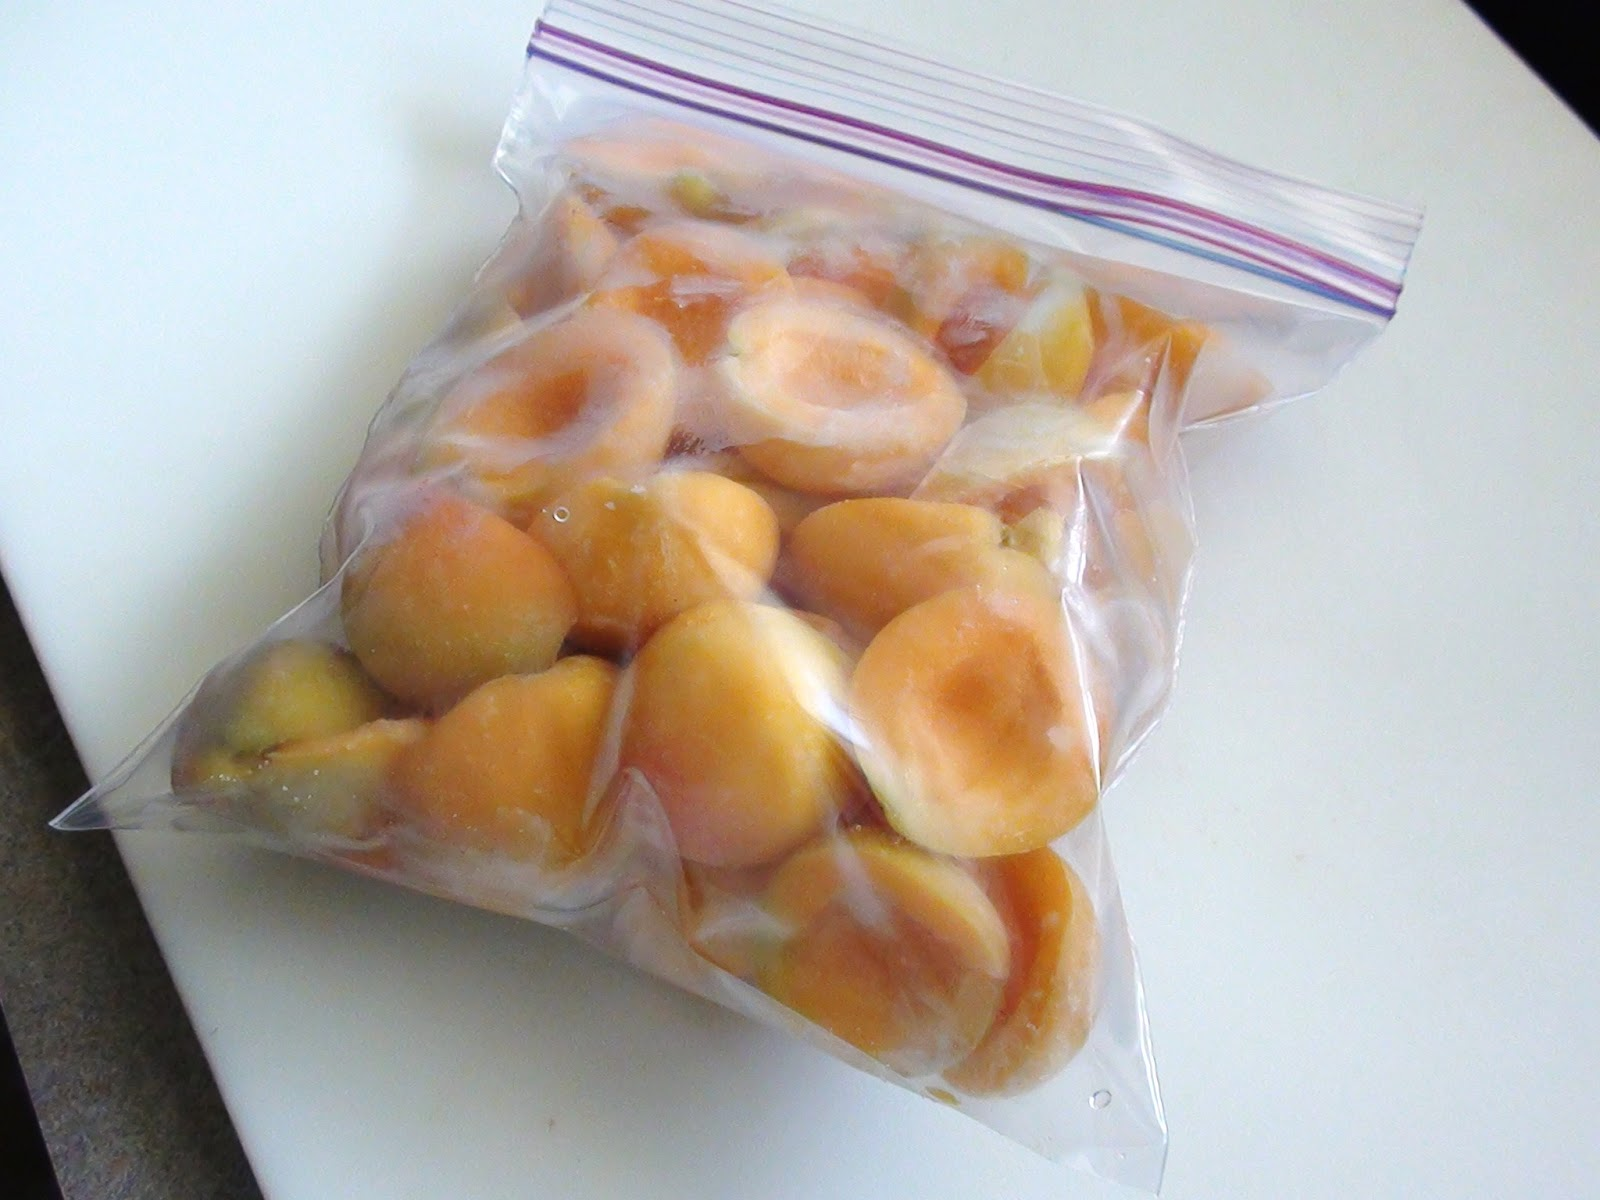 Можно ли замораживать яблоки на зиму в морозильной камере и как?